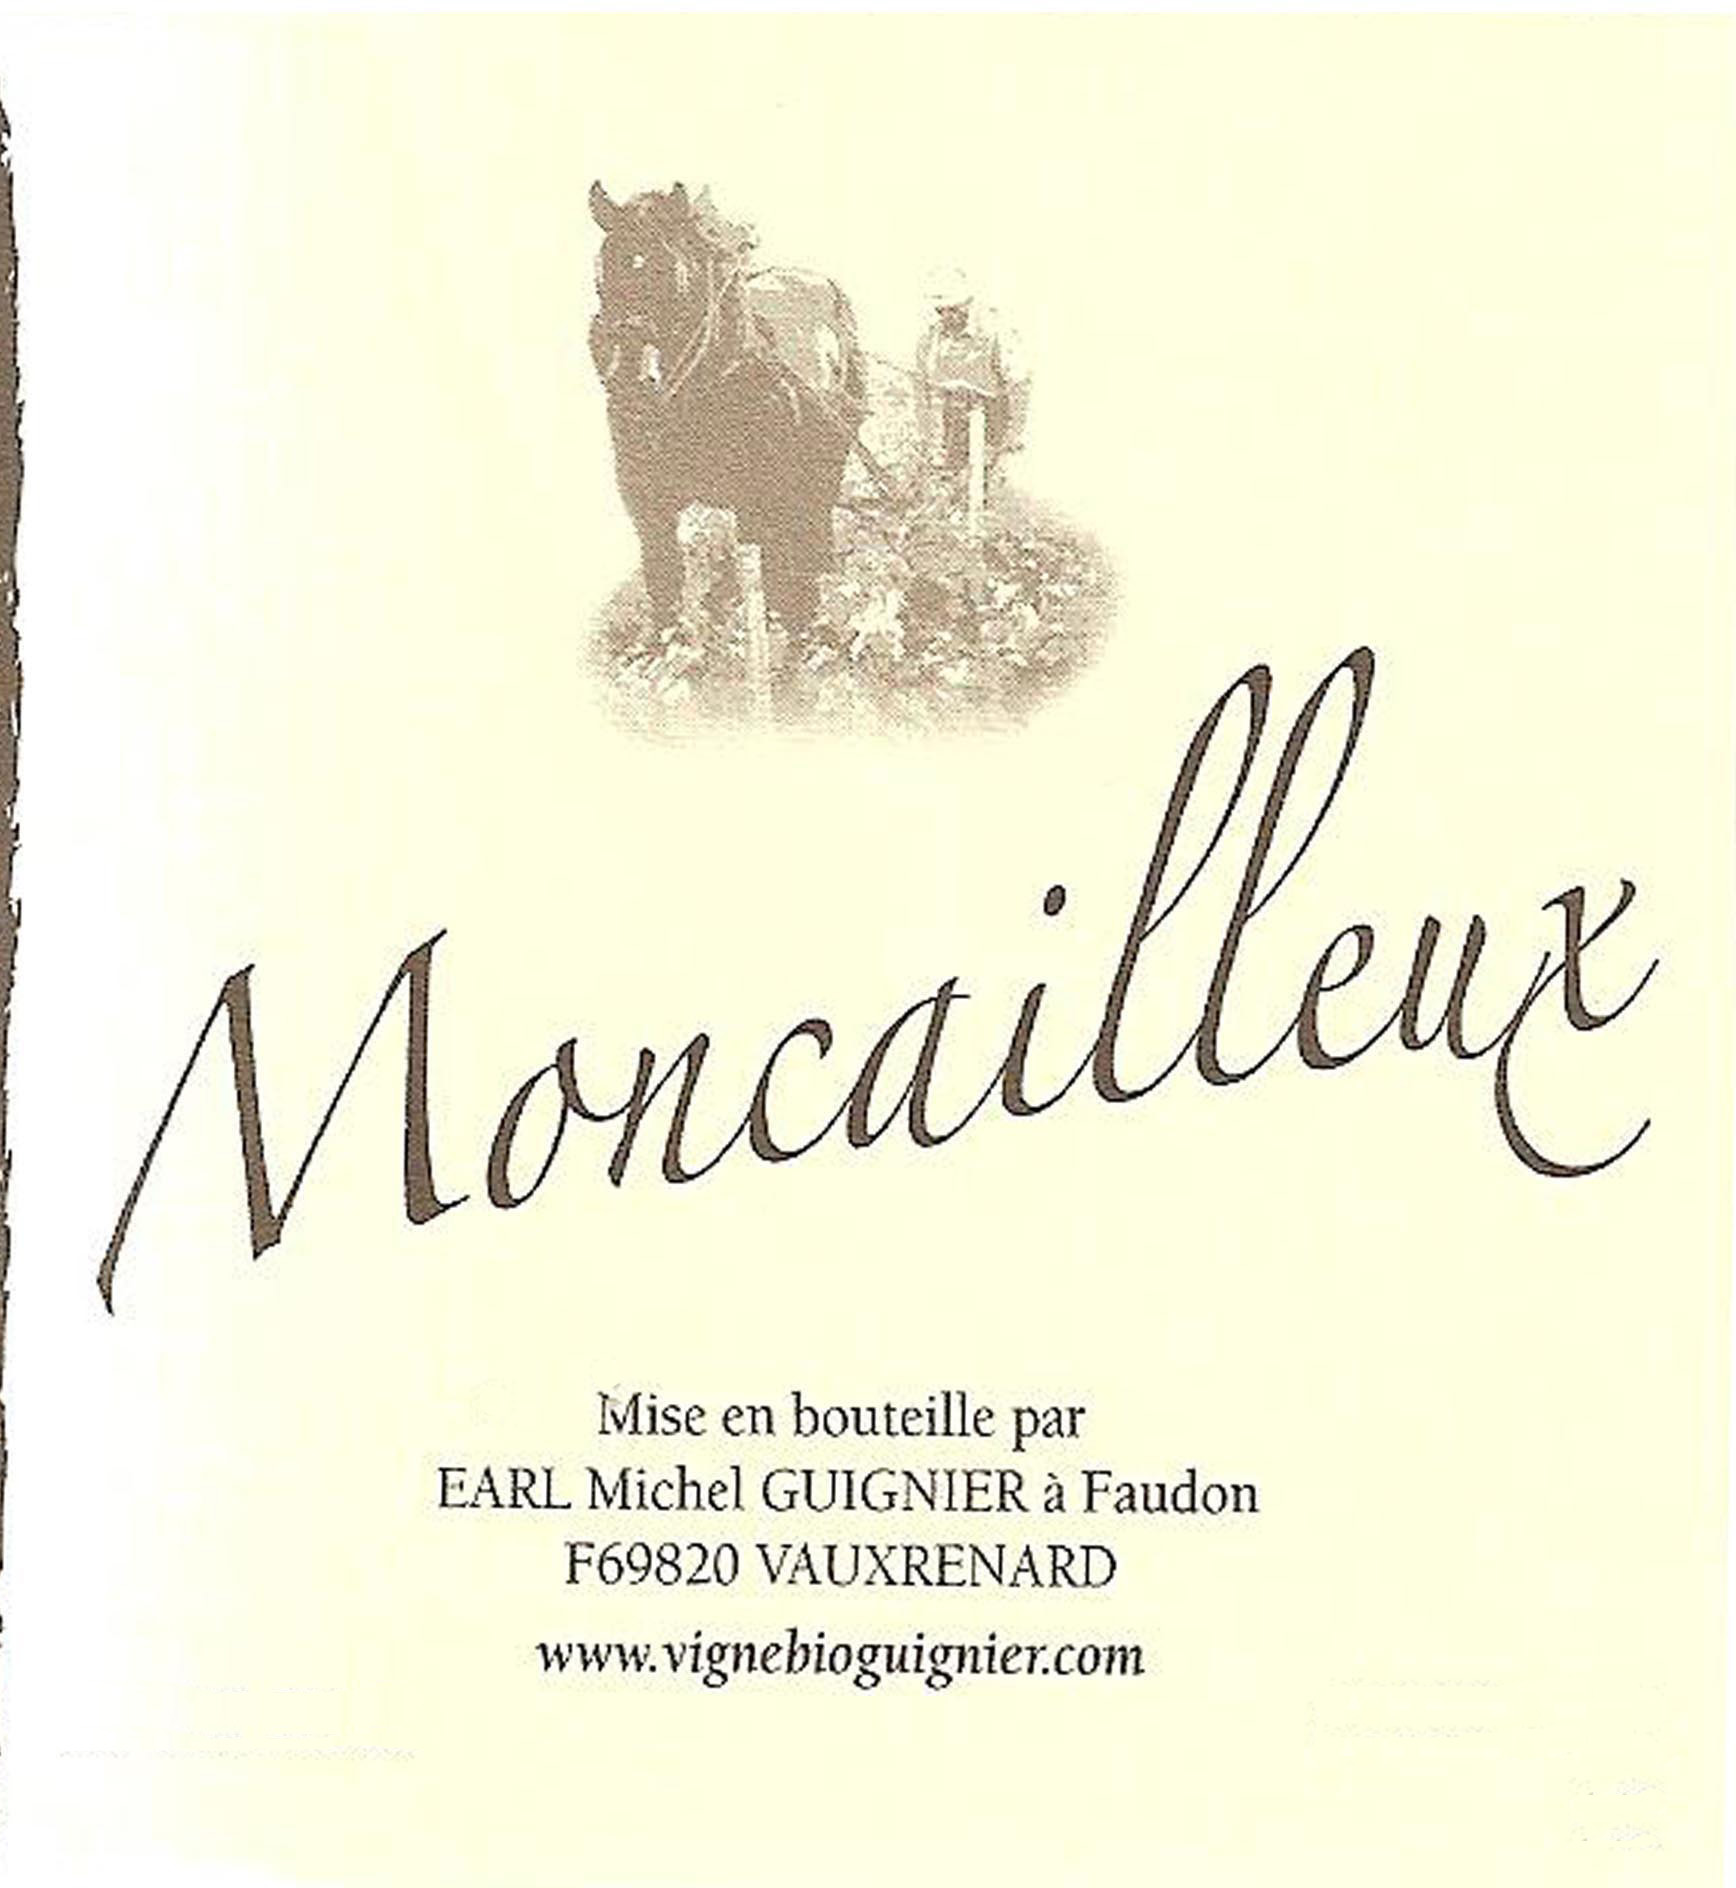 MGuignier_Moncailleux.jpg